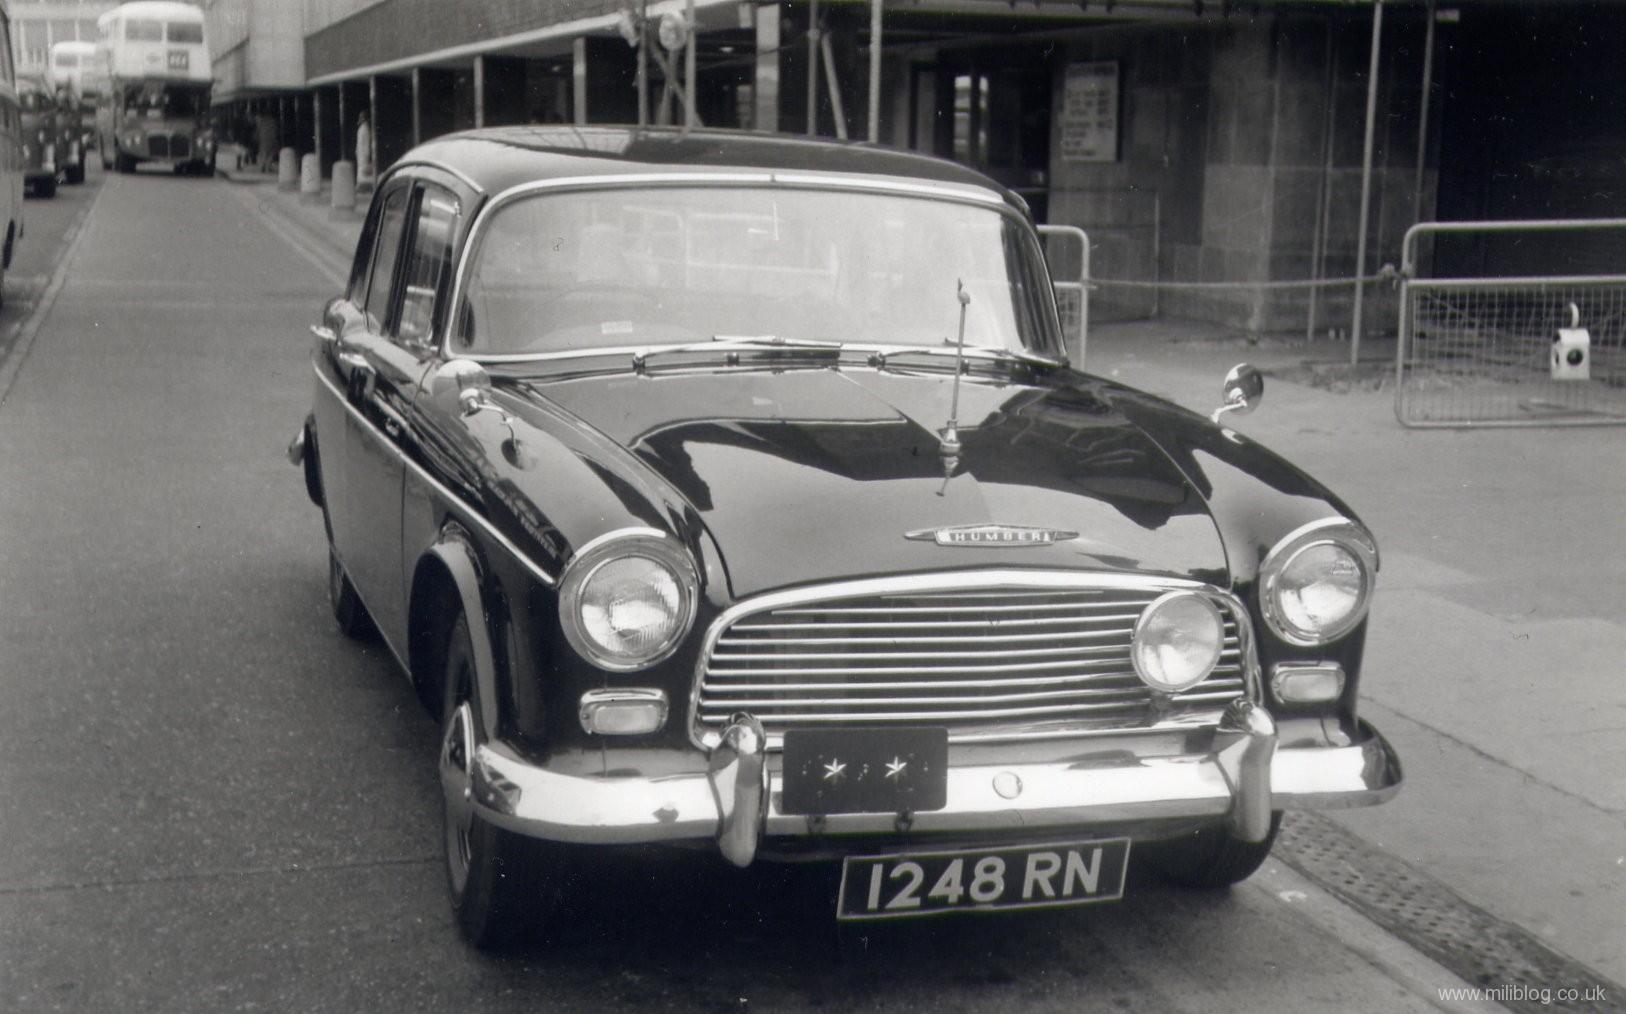 Humber-hawk-staff-car-1248-rn